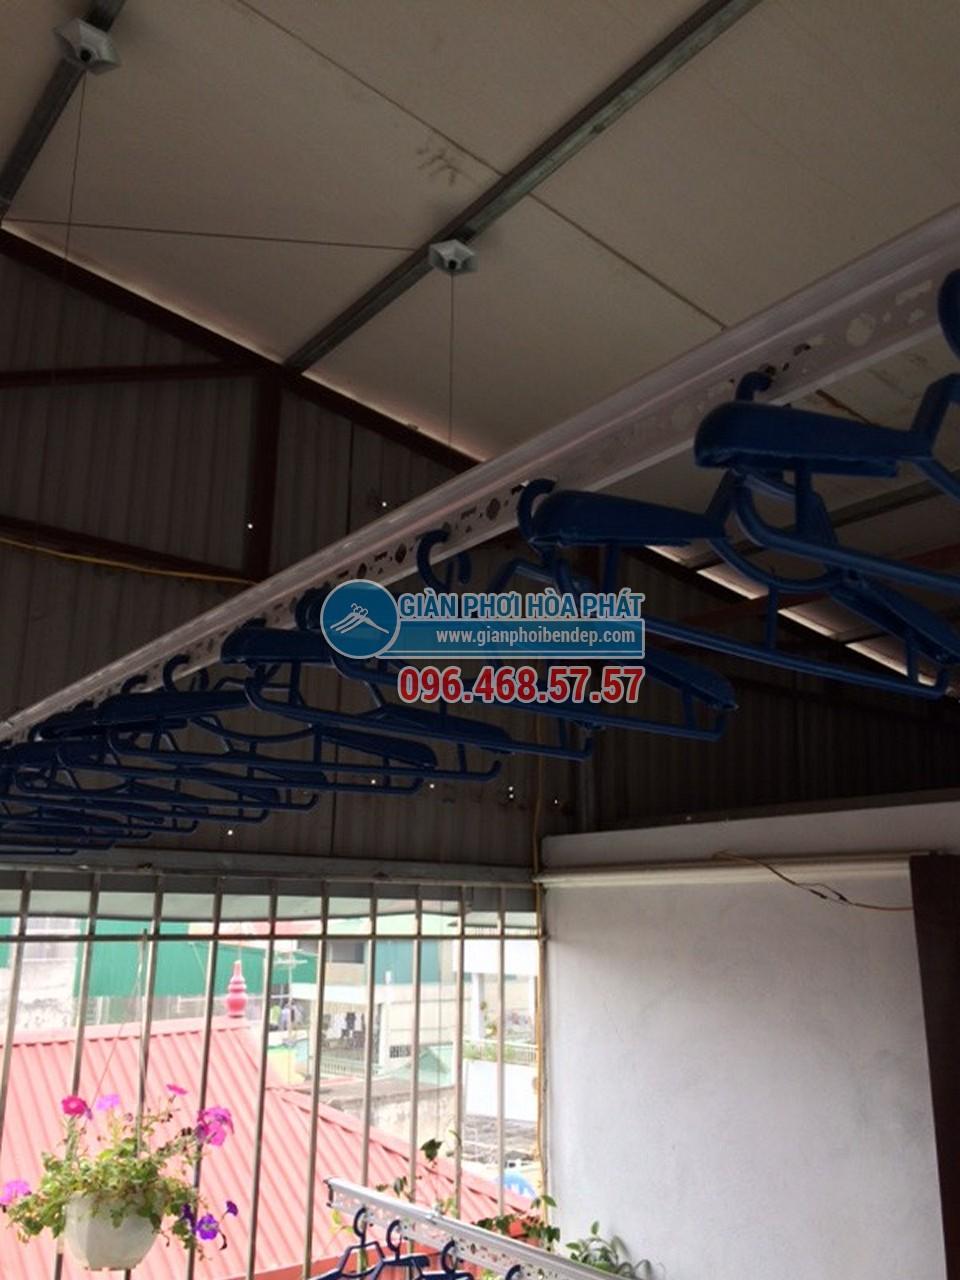 Sân phơi đẹp hiện đại nhờ lắp đặt giàn phơi thông minh nhà chị Hiền, ngõ 103 Thanh Nhàn - 04